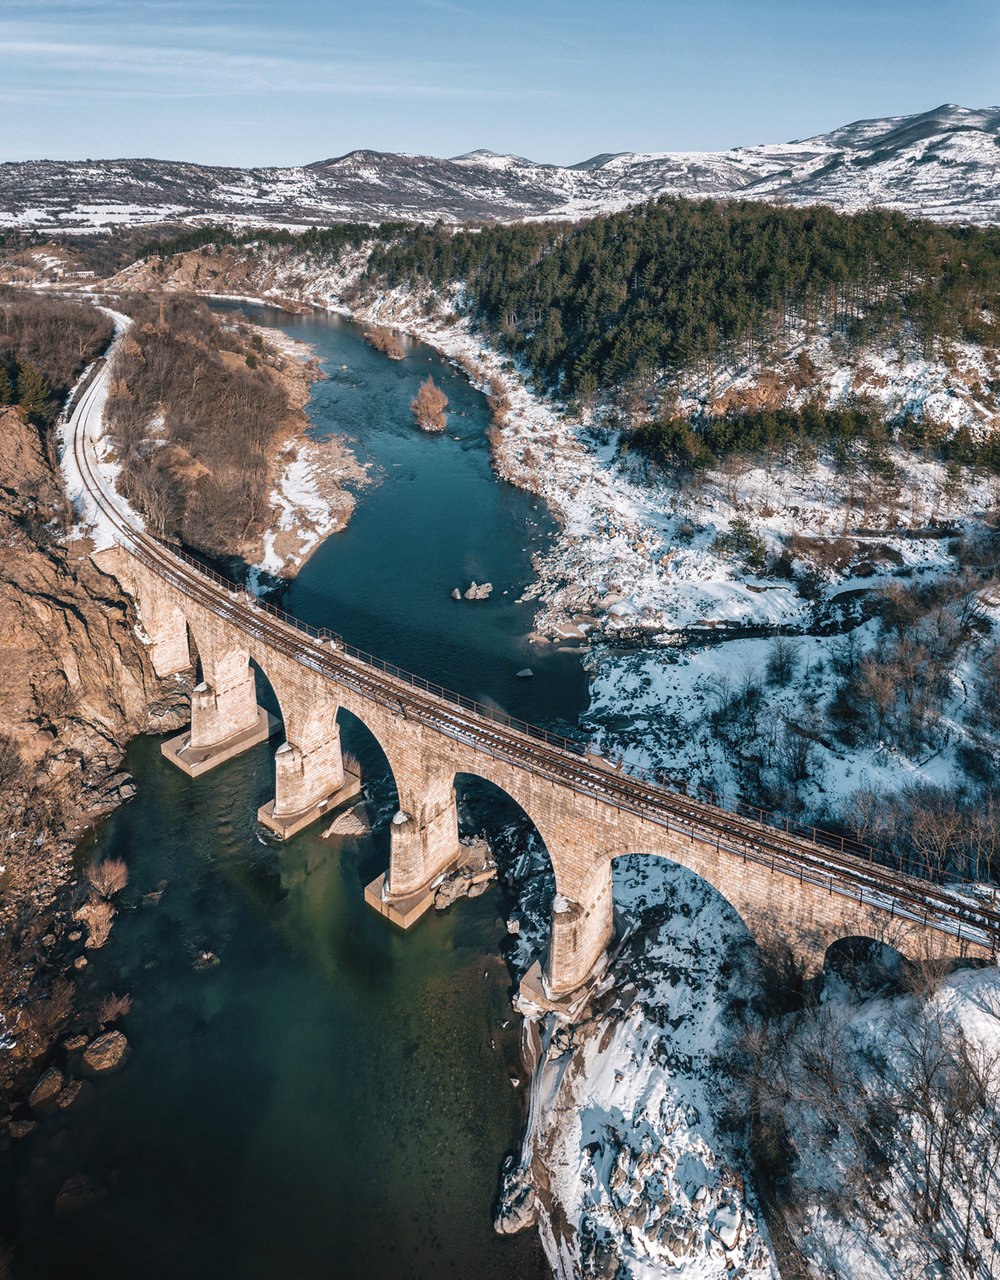 Photo in Aerial   Author Kiril  - kirilx   PHOTO FORUM